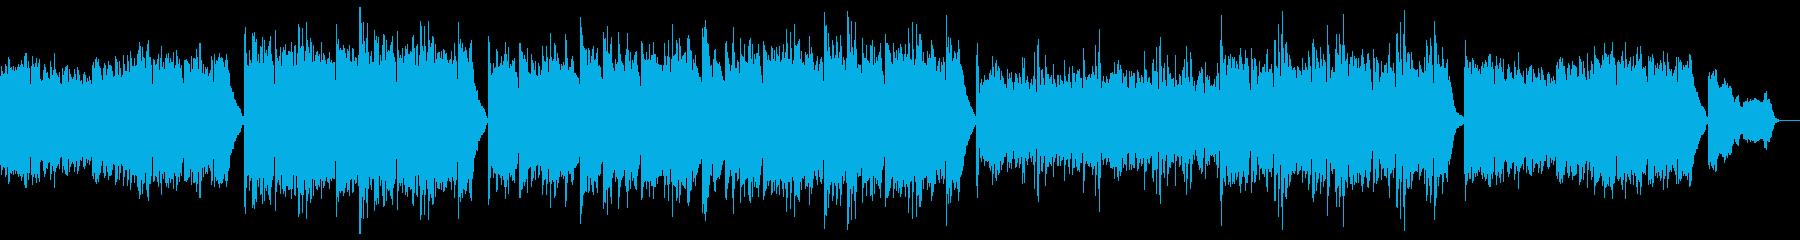 優しく落ち着くピアノポップ:フルx1の再生済みの波形